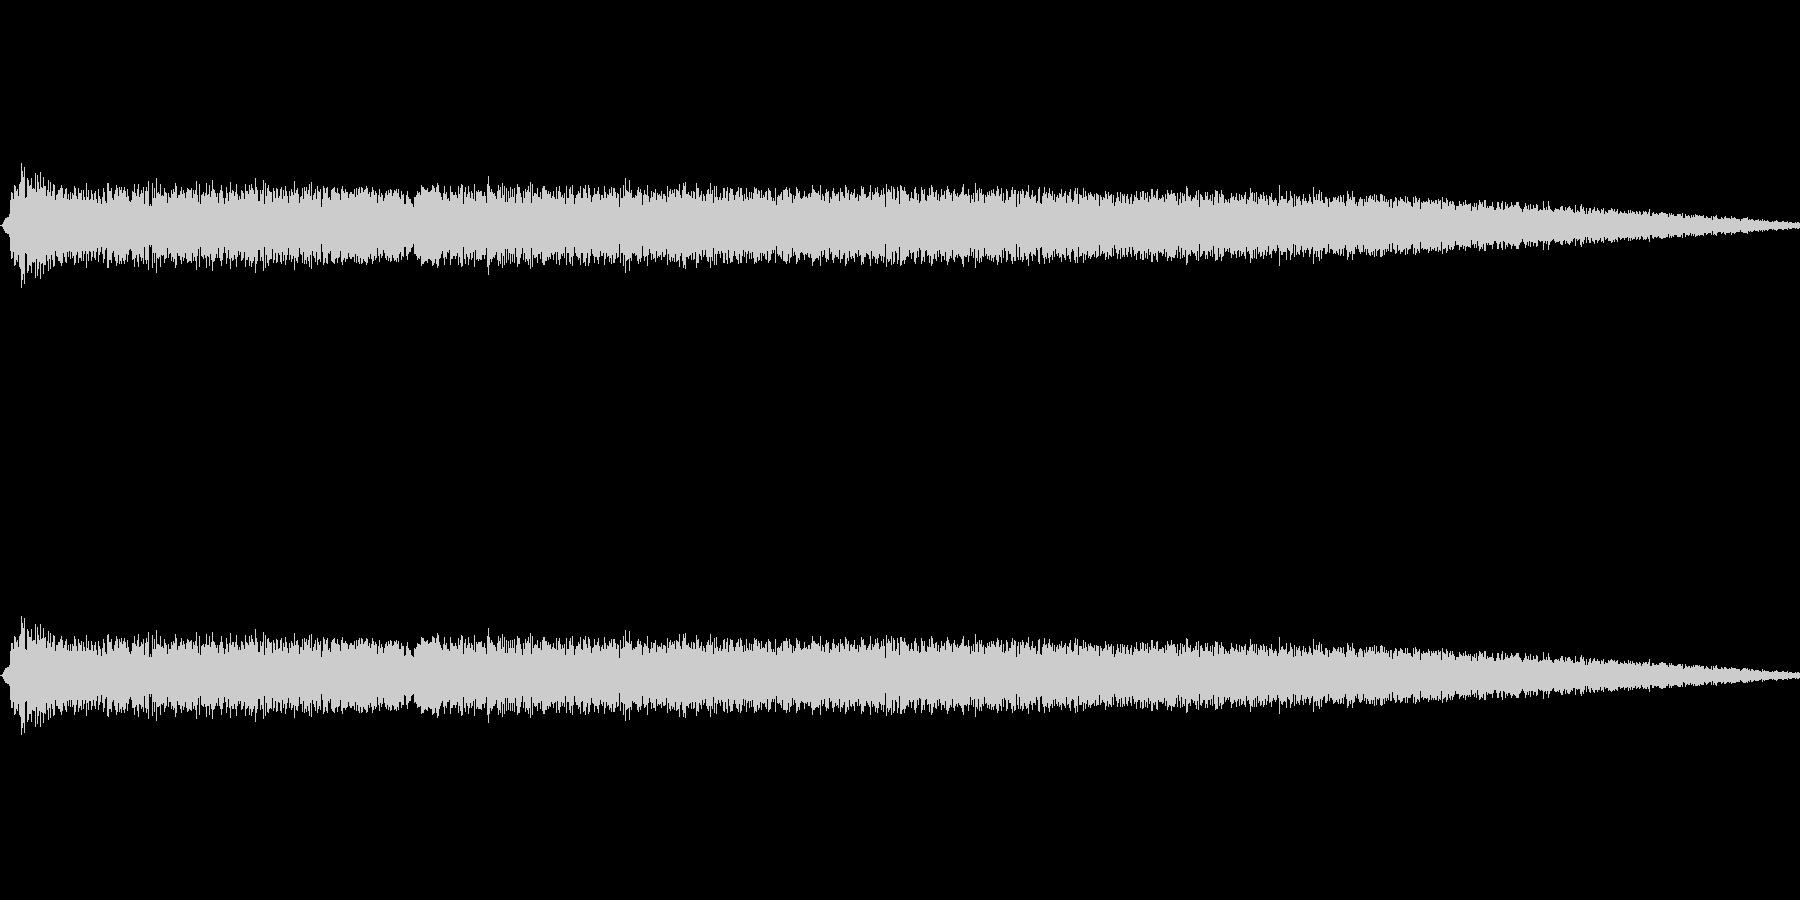 ショット・ビーム発射音#2の未再生の波形